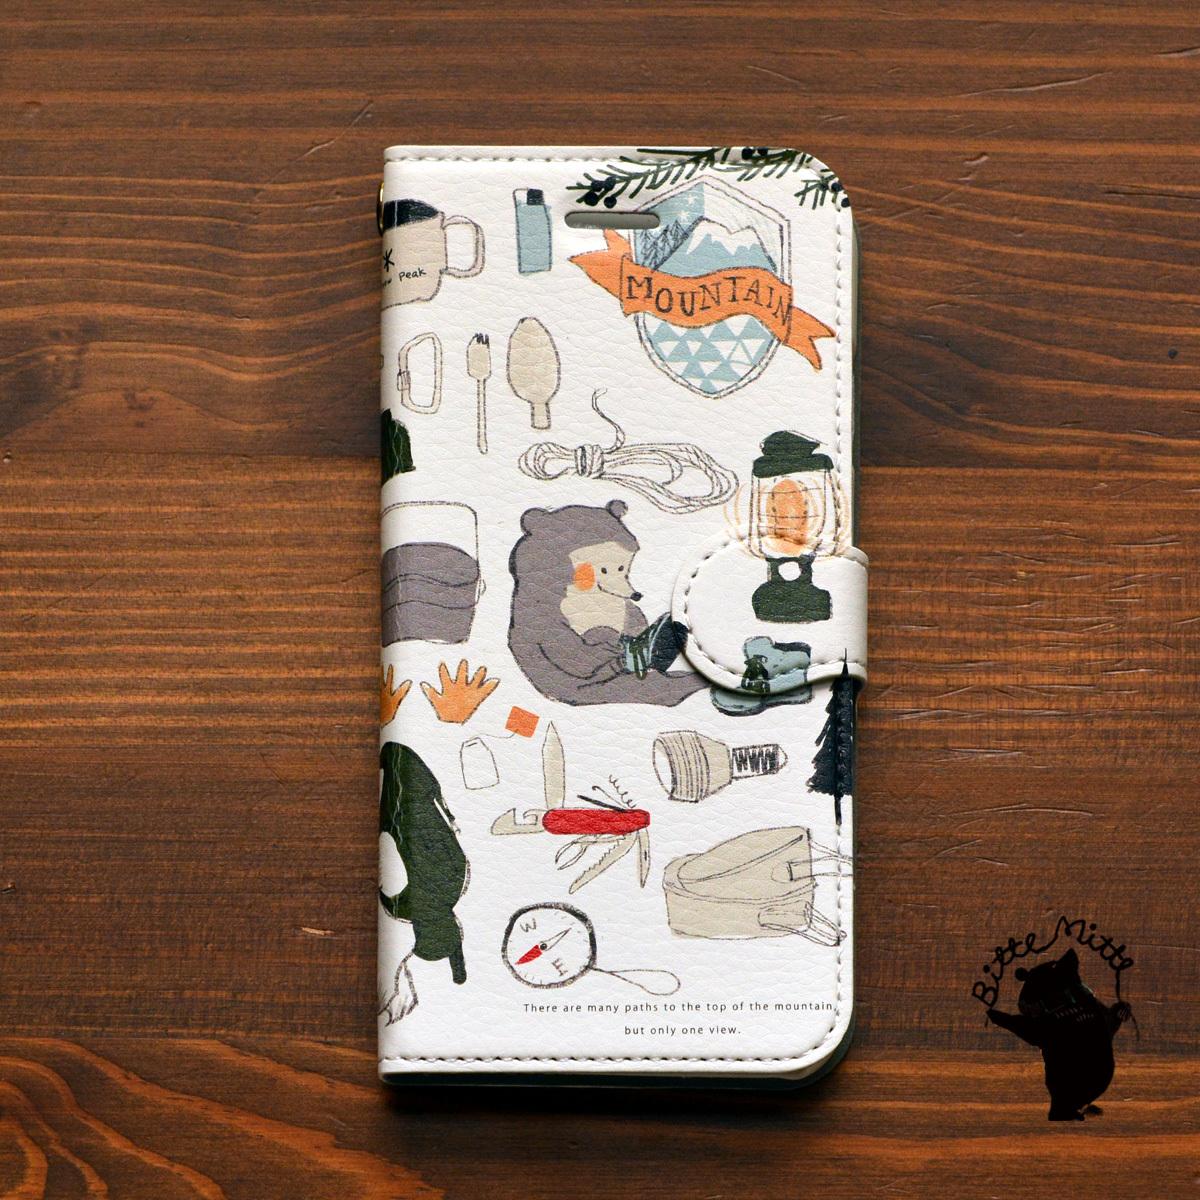 iphone8 スマホケース おしゃれ iphone8 ケース 手帳 大人かわいい iphone x ケース 手帳型 おしゃれ アイフォンテン ケース 手帳型 Galaxy Xperia 父の日 メンズ くま アウトドア ヨルンと山登り/Bitte Mitte!